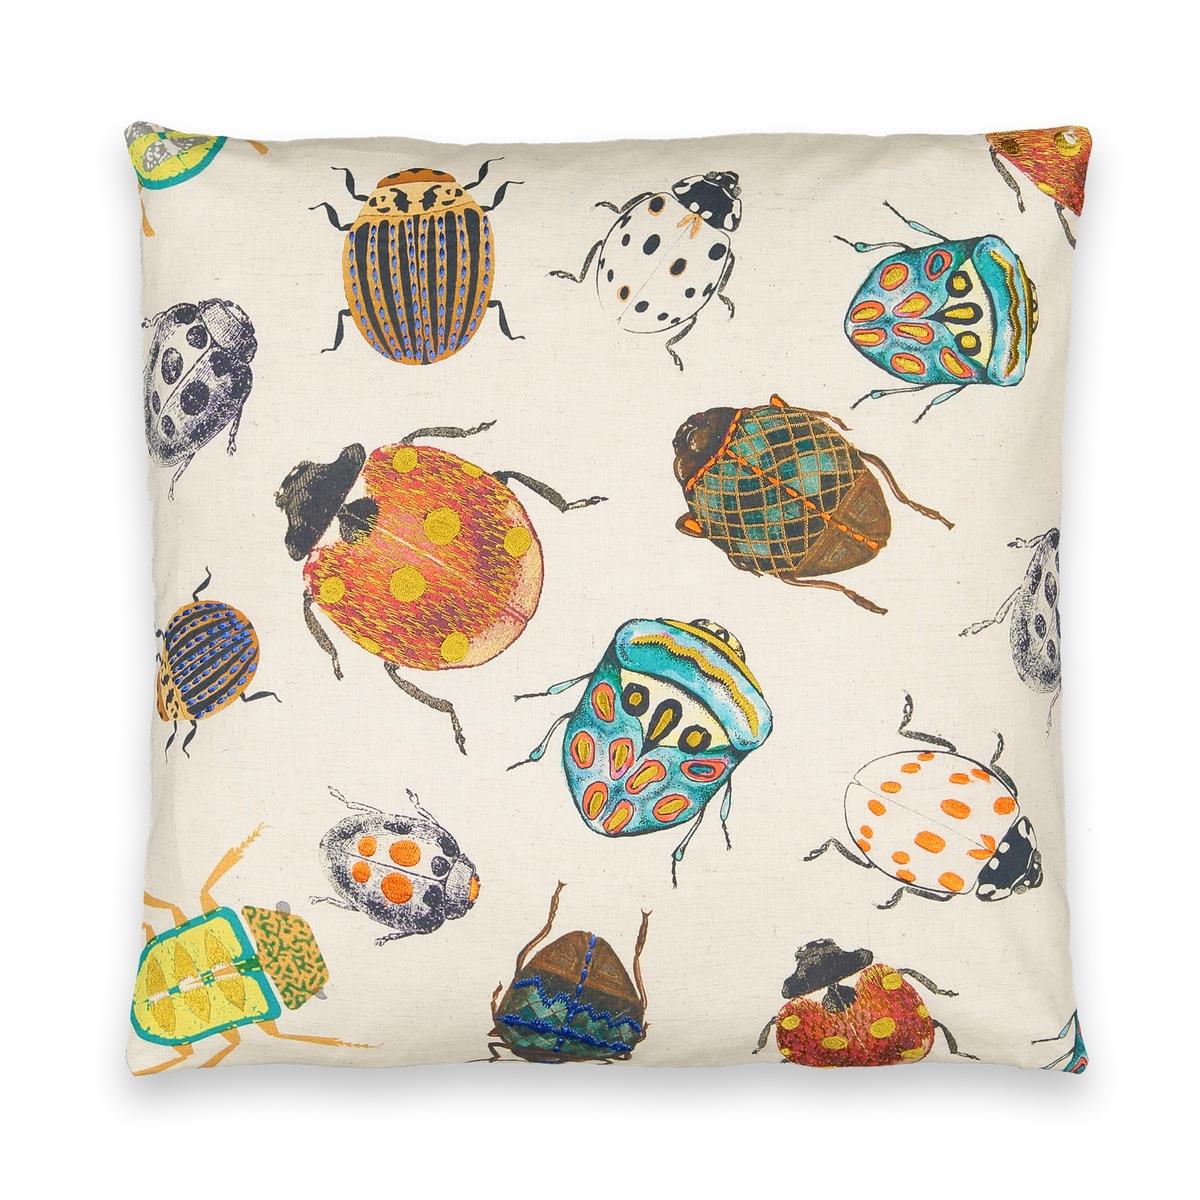 Чехол LaRedoute Из 100 хлопка Coccinya 50 x 50 см разноцветный